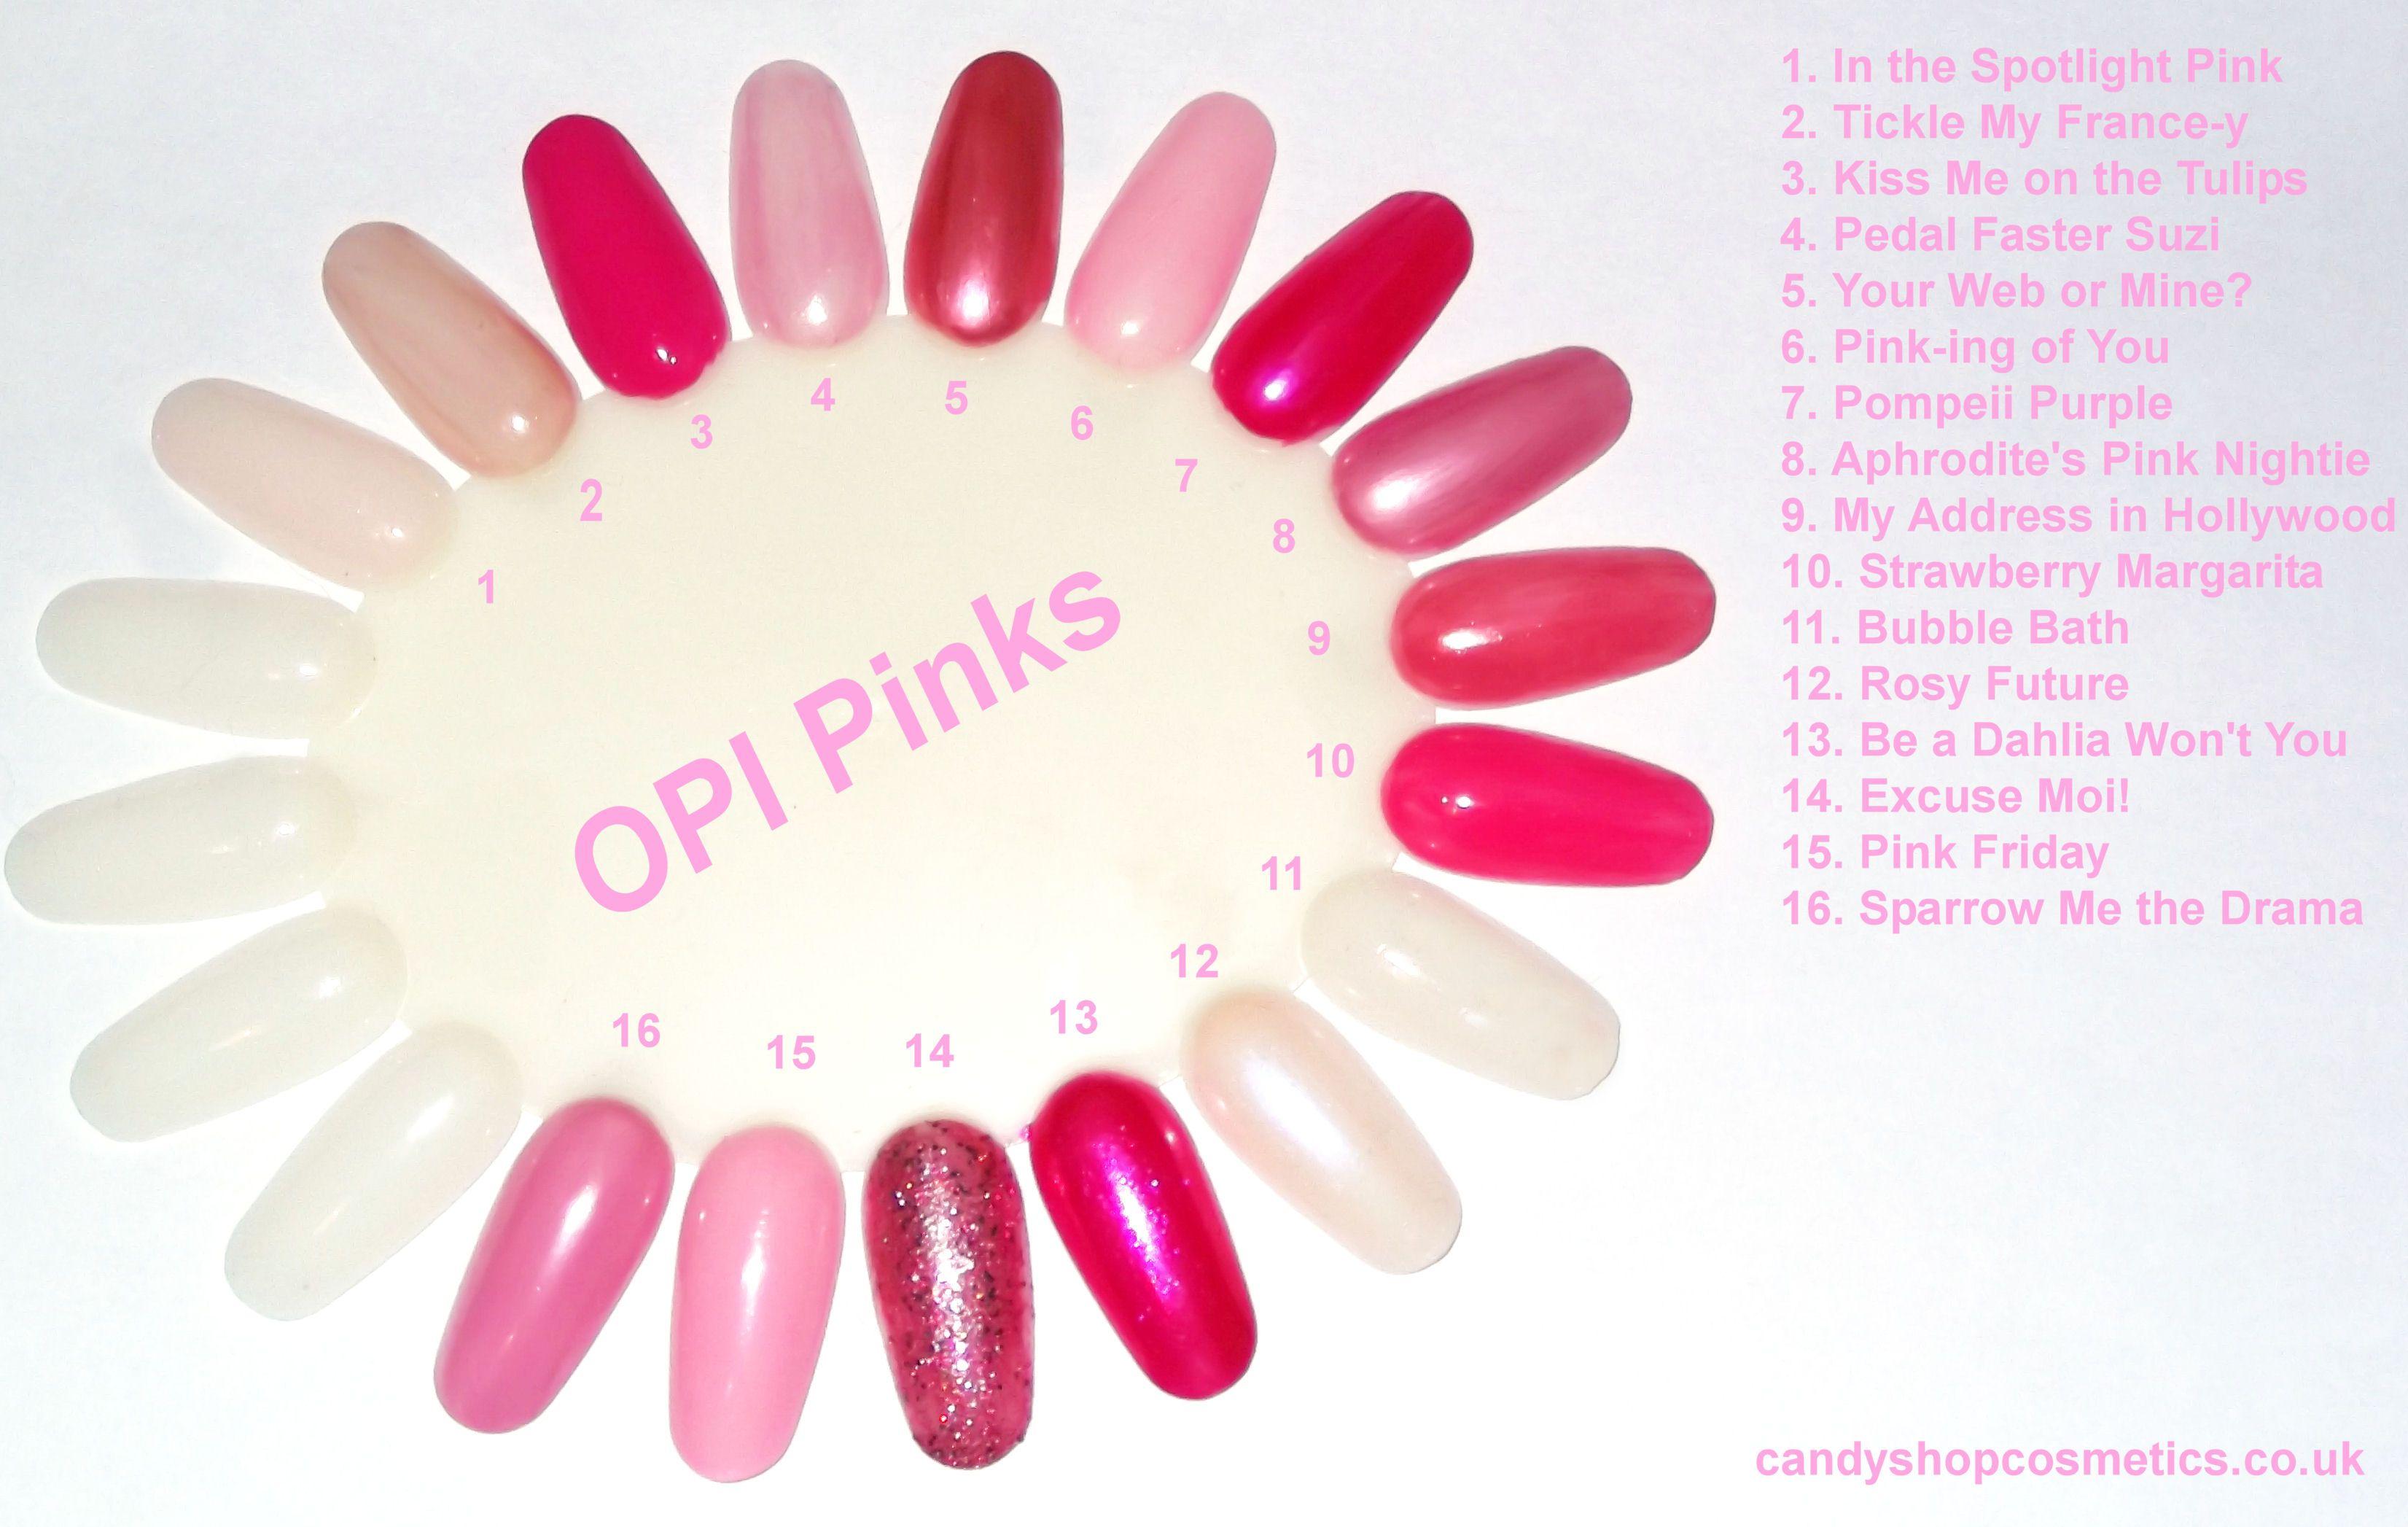 Pink Opi Nail Polish Pinks Colour Wheel Chart Opi Pink Pink Nails Opi Spring Nails